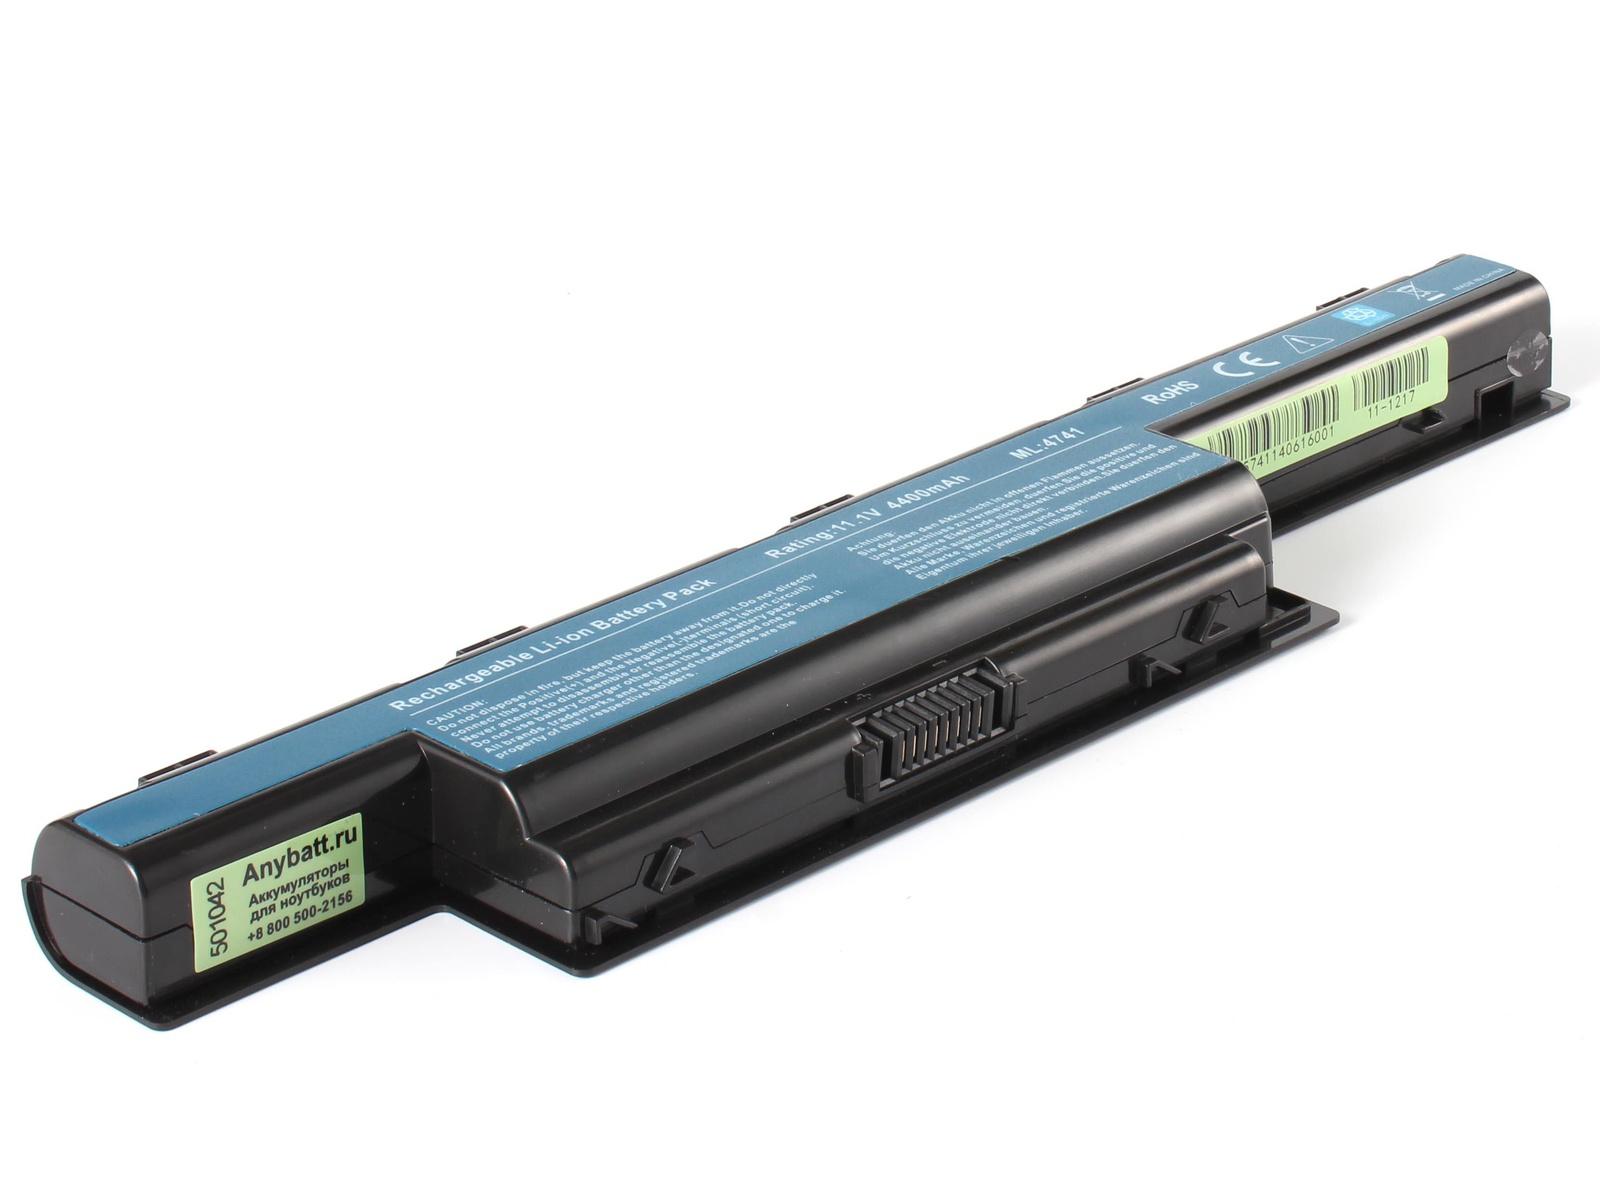 Аккумулятор для ноутбука AnyBatt для Packard Bell EasyNote LV44HC-53236G75Mnws, EasyNote TM83, EasyNote LM85 ENLM85-JO-137RU, EasyNote LS11-HR-529RU, EasyNote LV11HC-33126G50Mnks, EasyNote TE11-HC-060, EasyNote TE11HC-10002G50Mnks